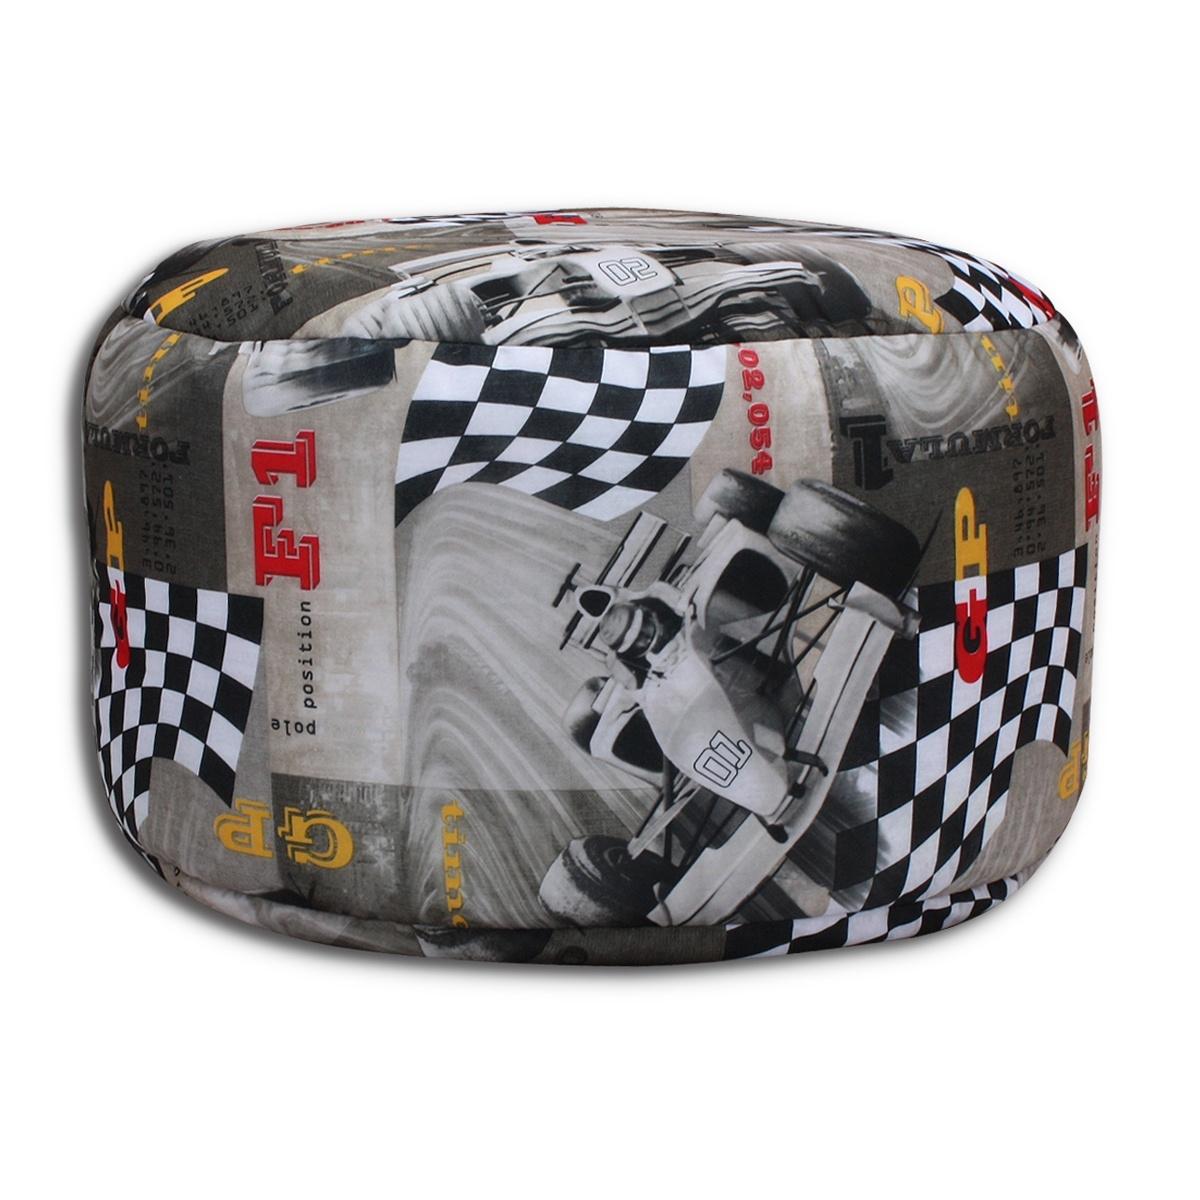 Pouf seduta riempito con polistirolo palline 40x65cm ebay for Poltrona polistirolo